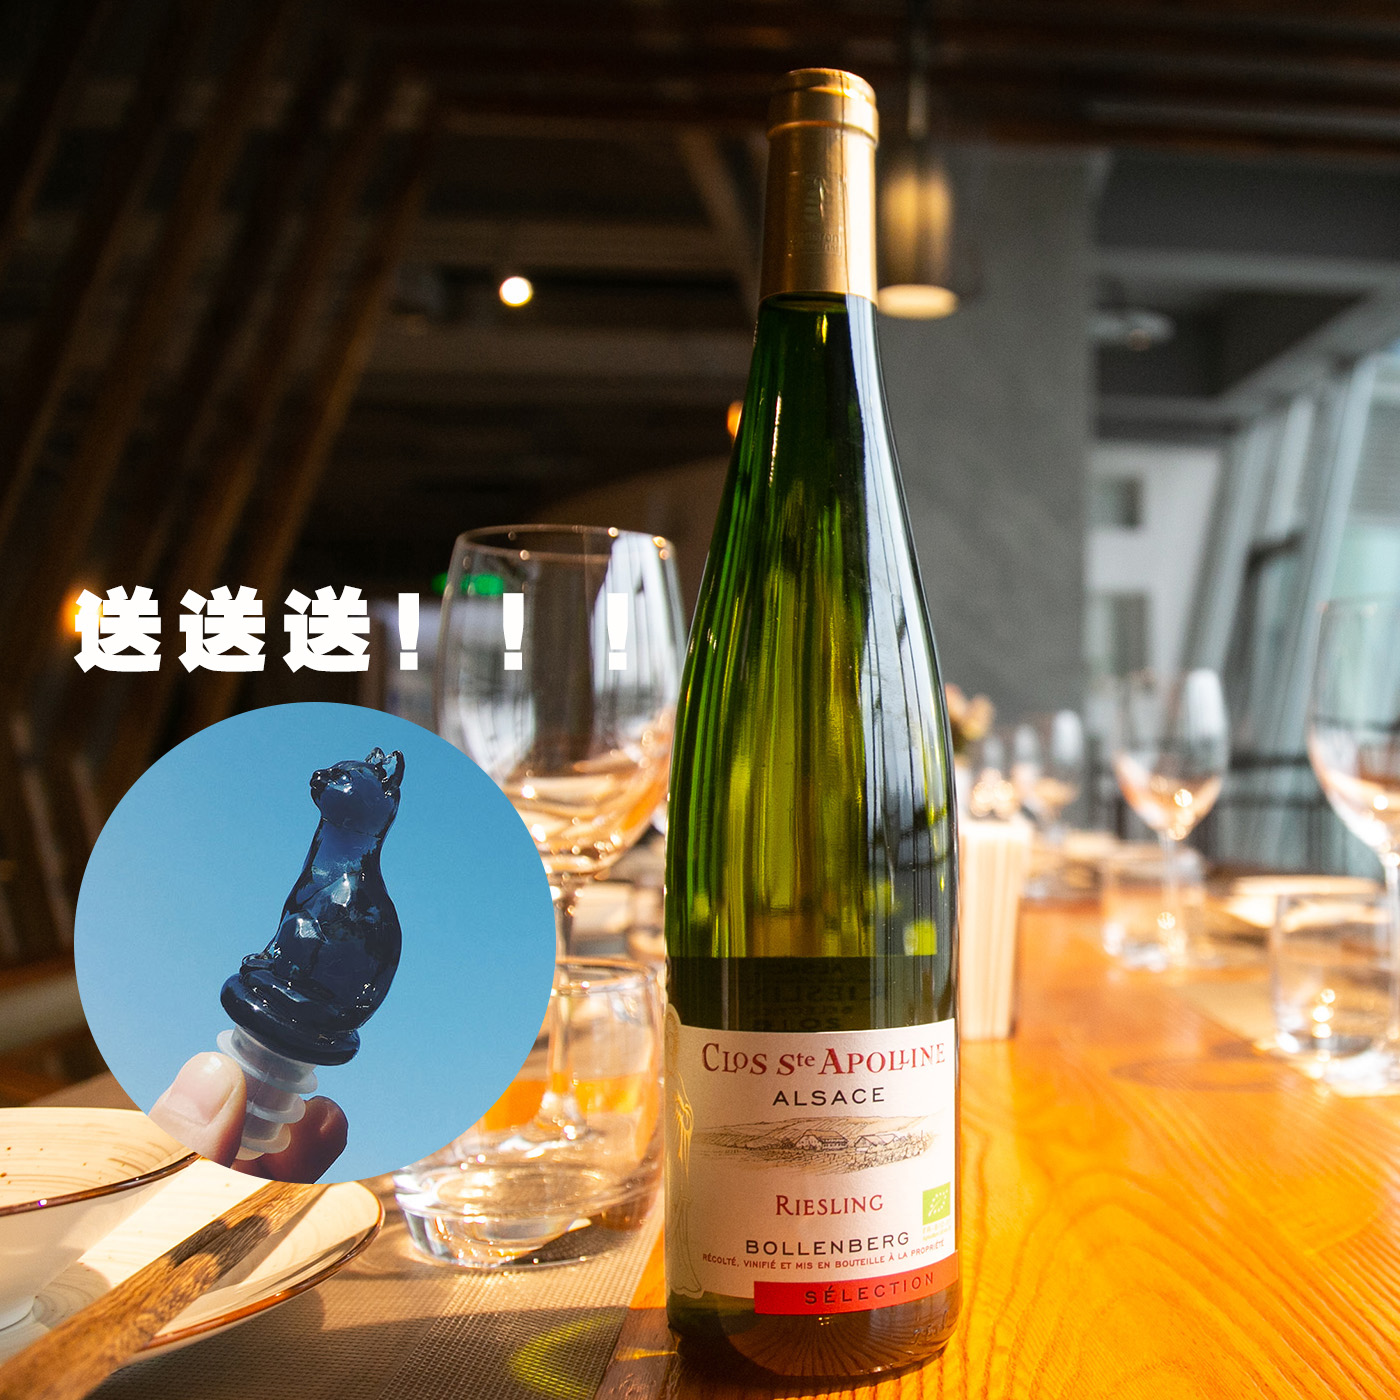 #送日本精美酒塞#法国阿尔萨斯雷司令送女神的精品干白白